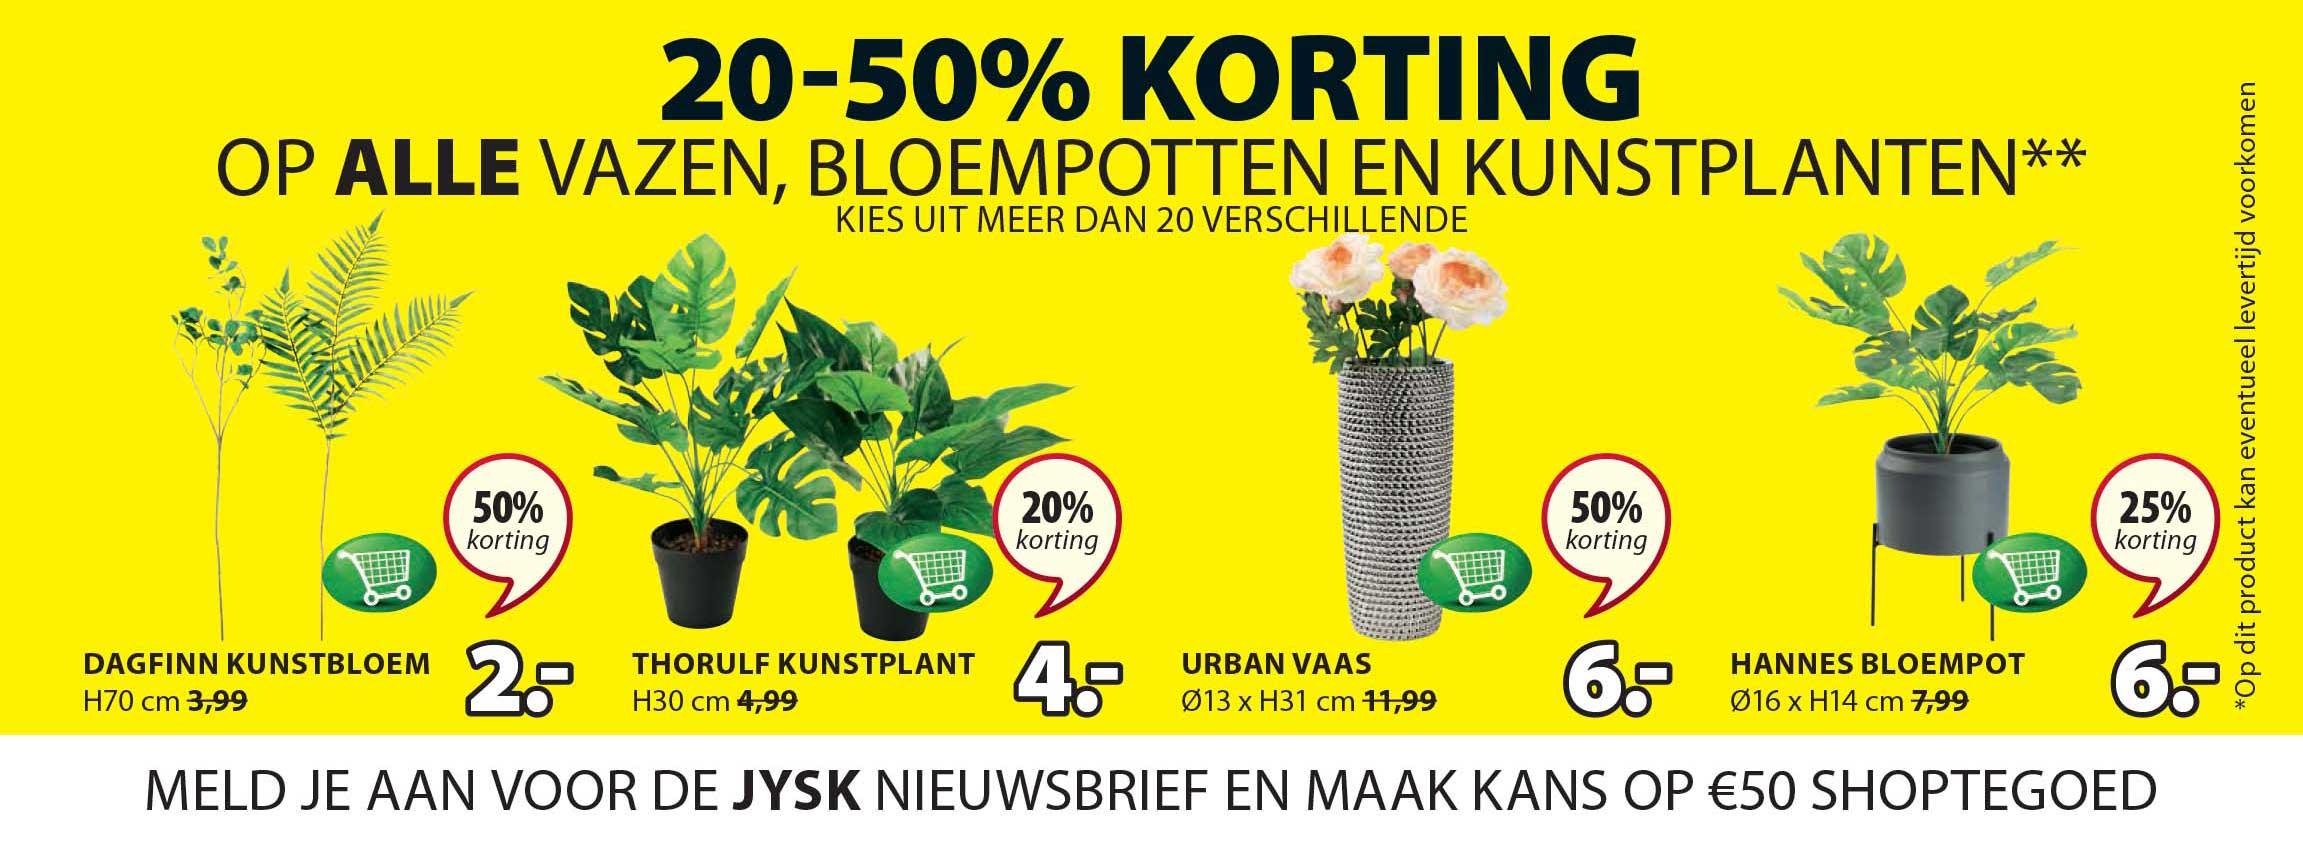 Jysk 20-50% Korting Op Alle Vazen, Bloempotten En Kunstplanten